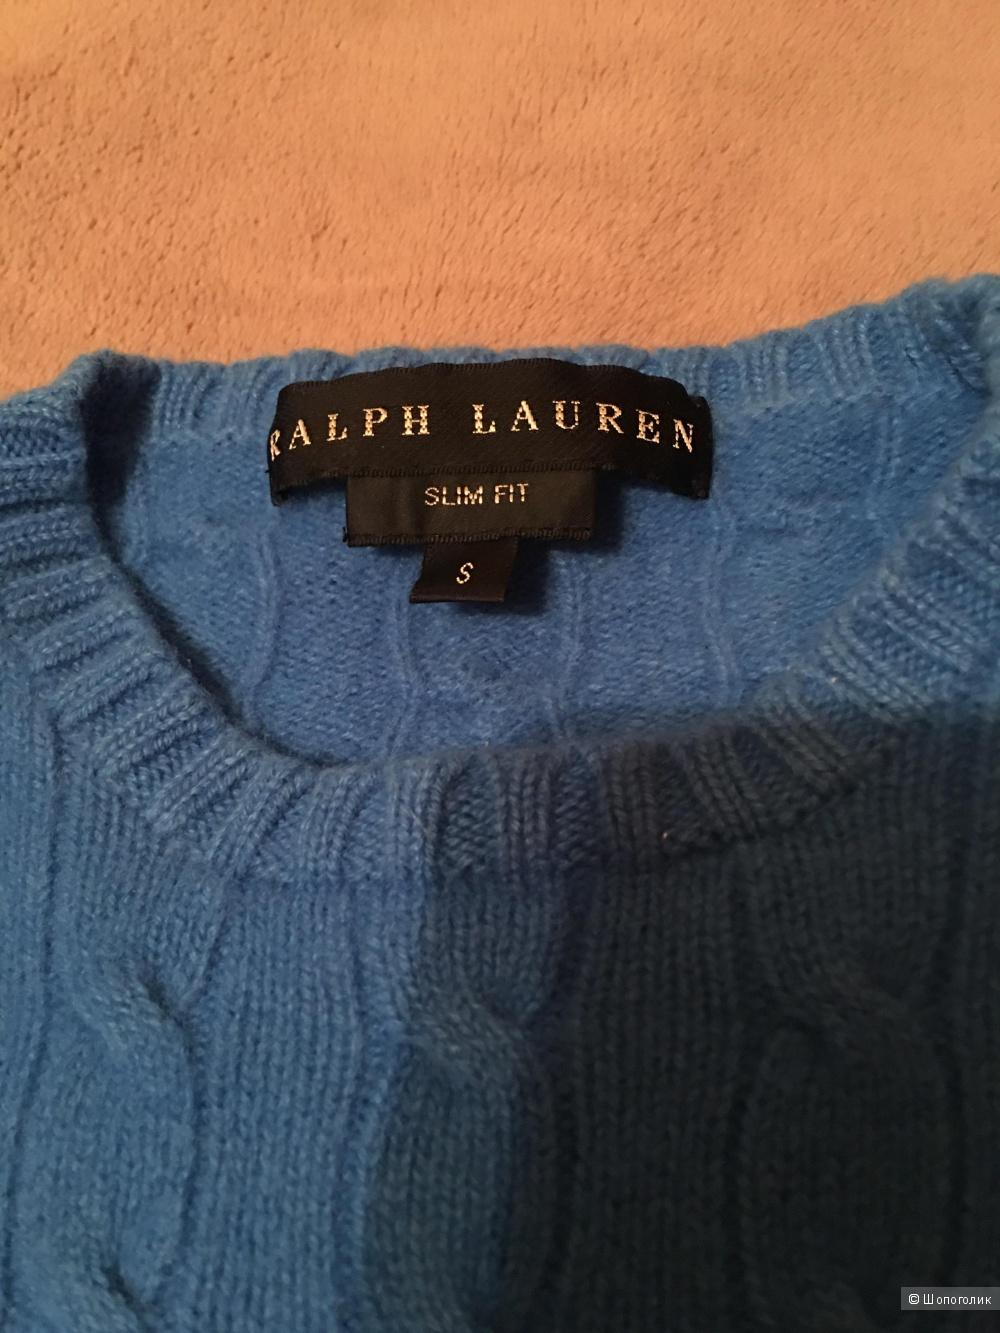 Кашемировый джемпер Ralph Lauren S